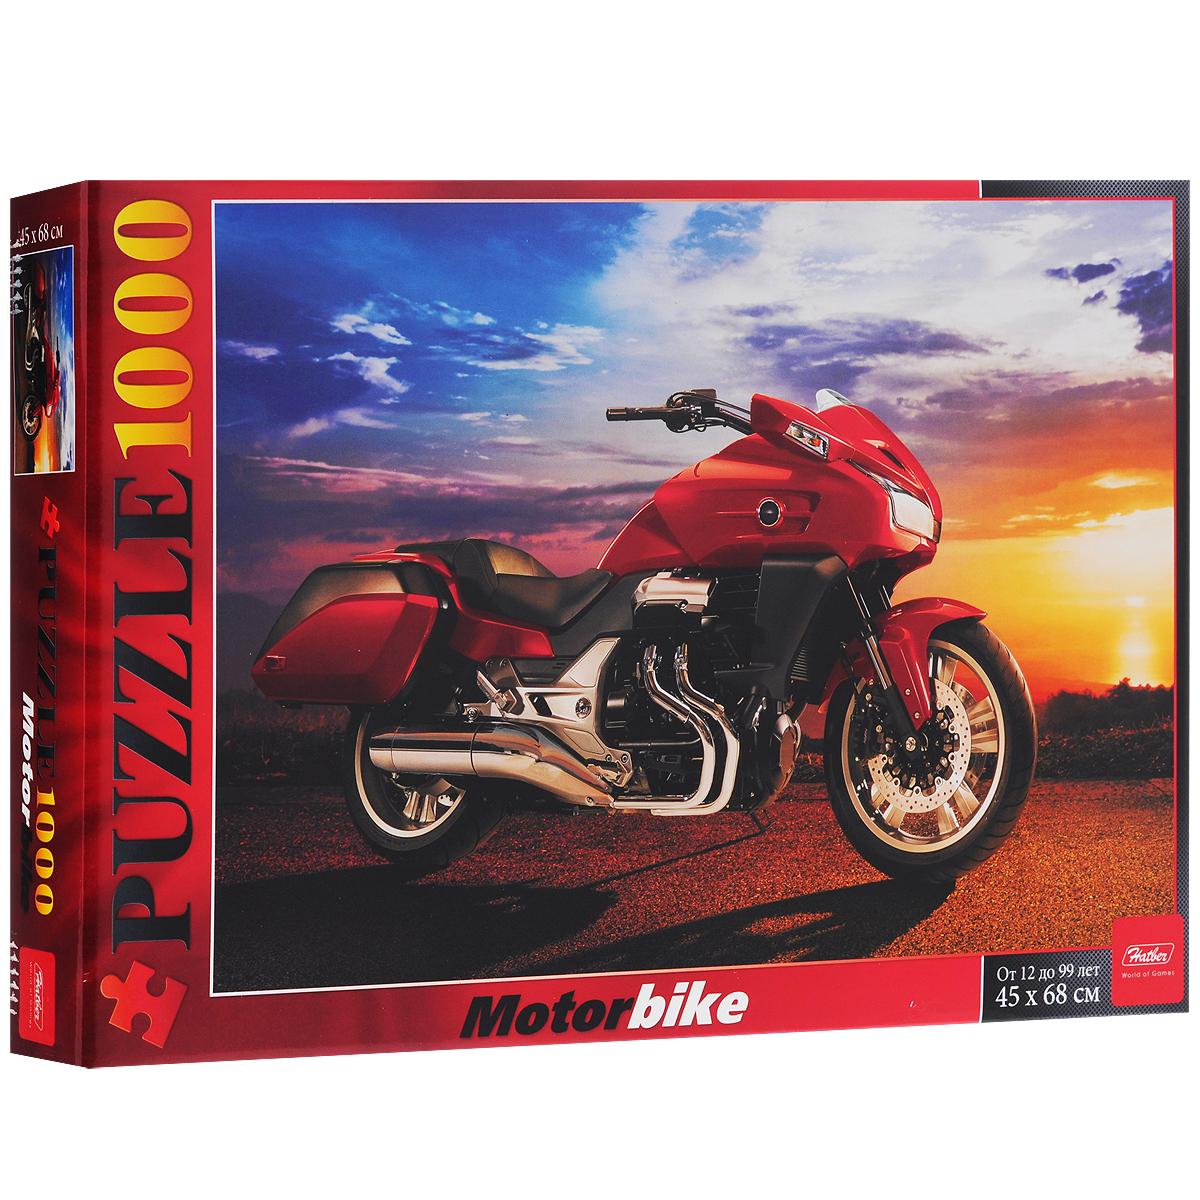 Мотоцикл на закате. Пазл, 1000 элементов